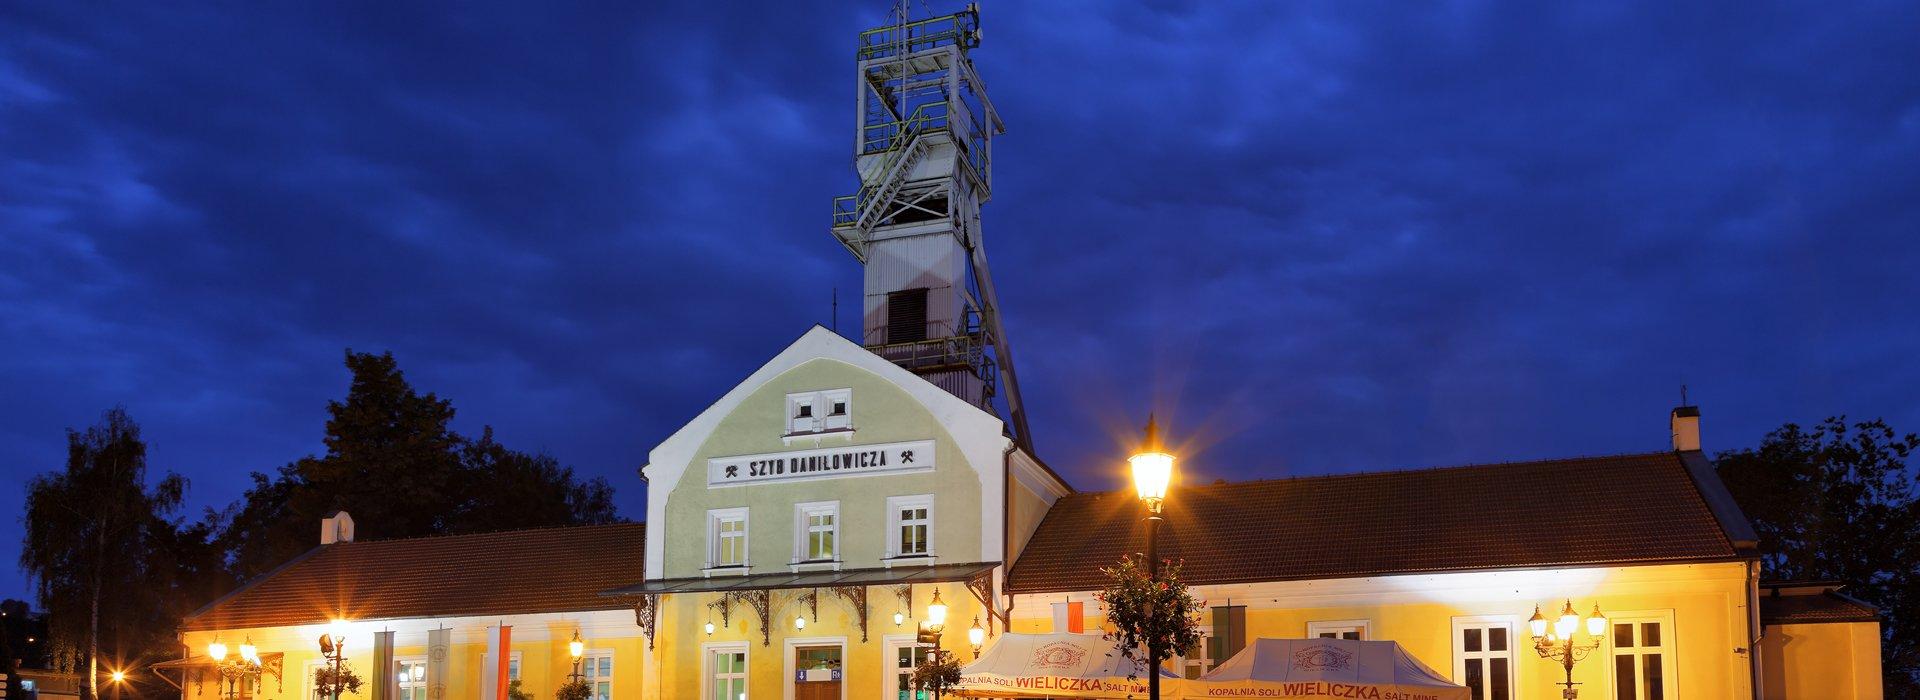 Main entrance to museum of Salt Mine Wieliczka